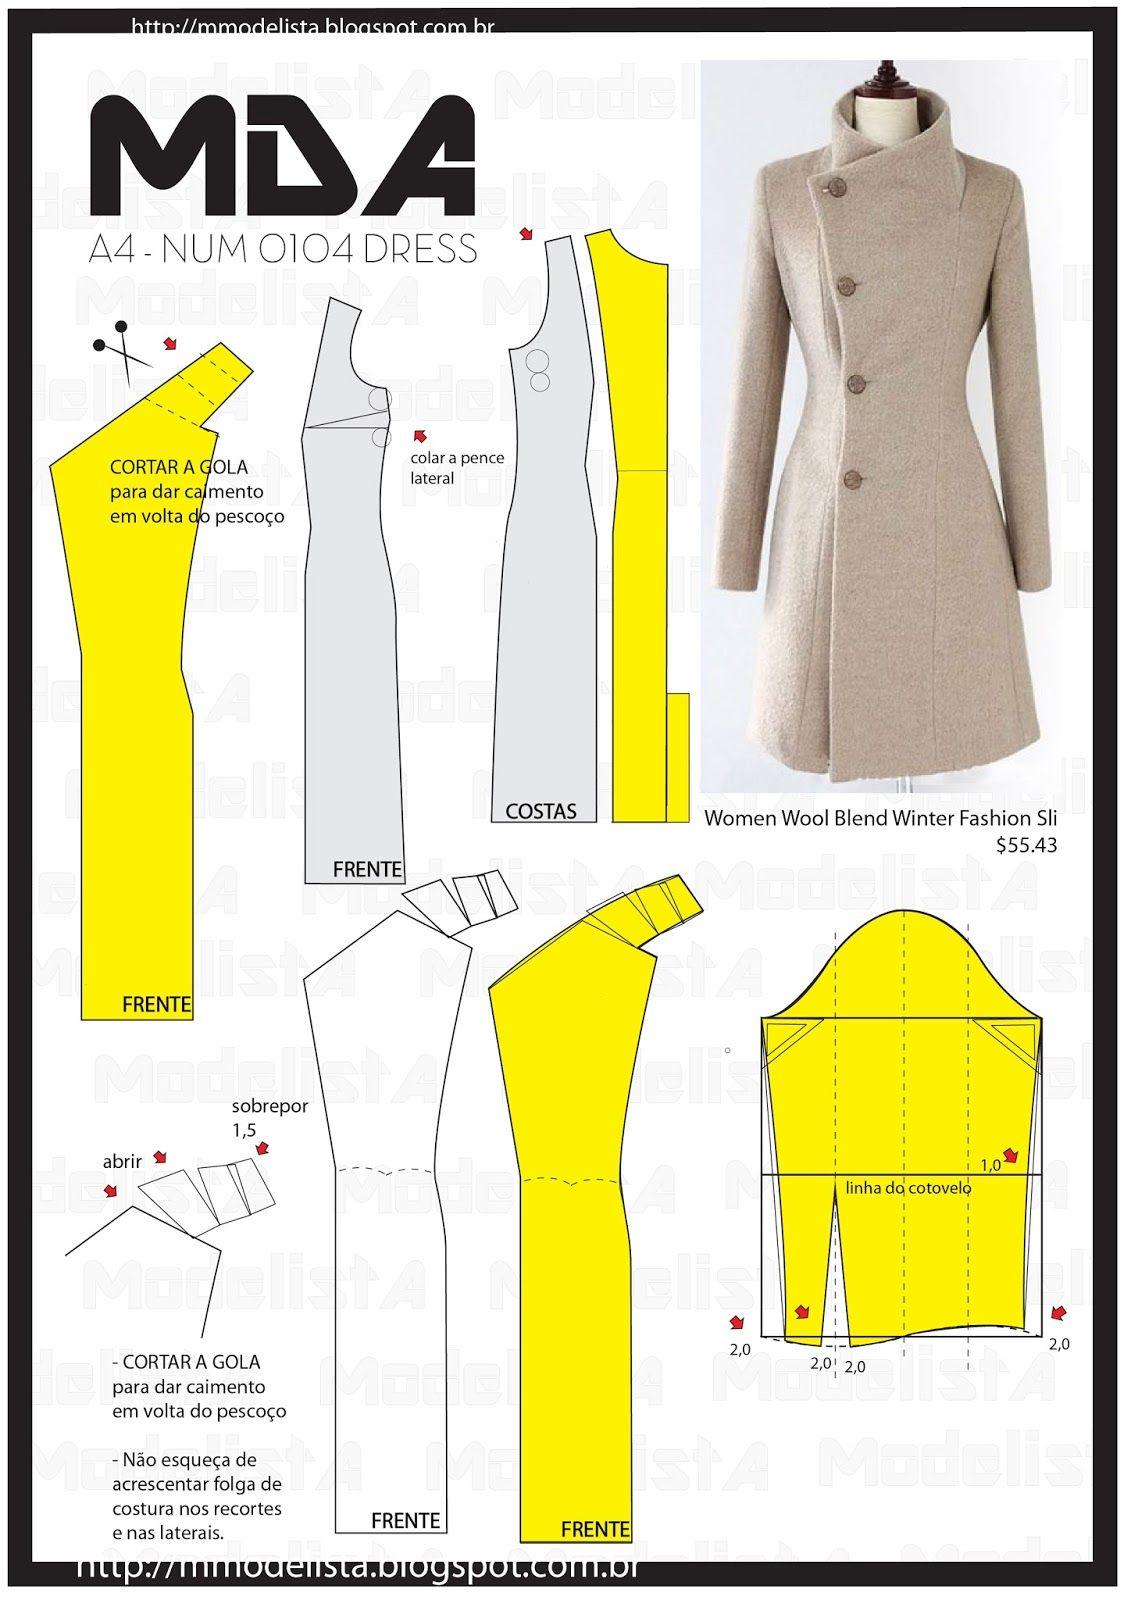 ModelistA: A4 NUM 0104 DRESS | moda | Pinterest | Abrigos, Costura y ...